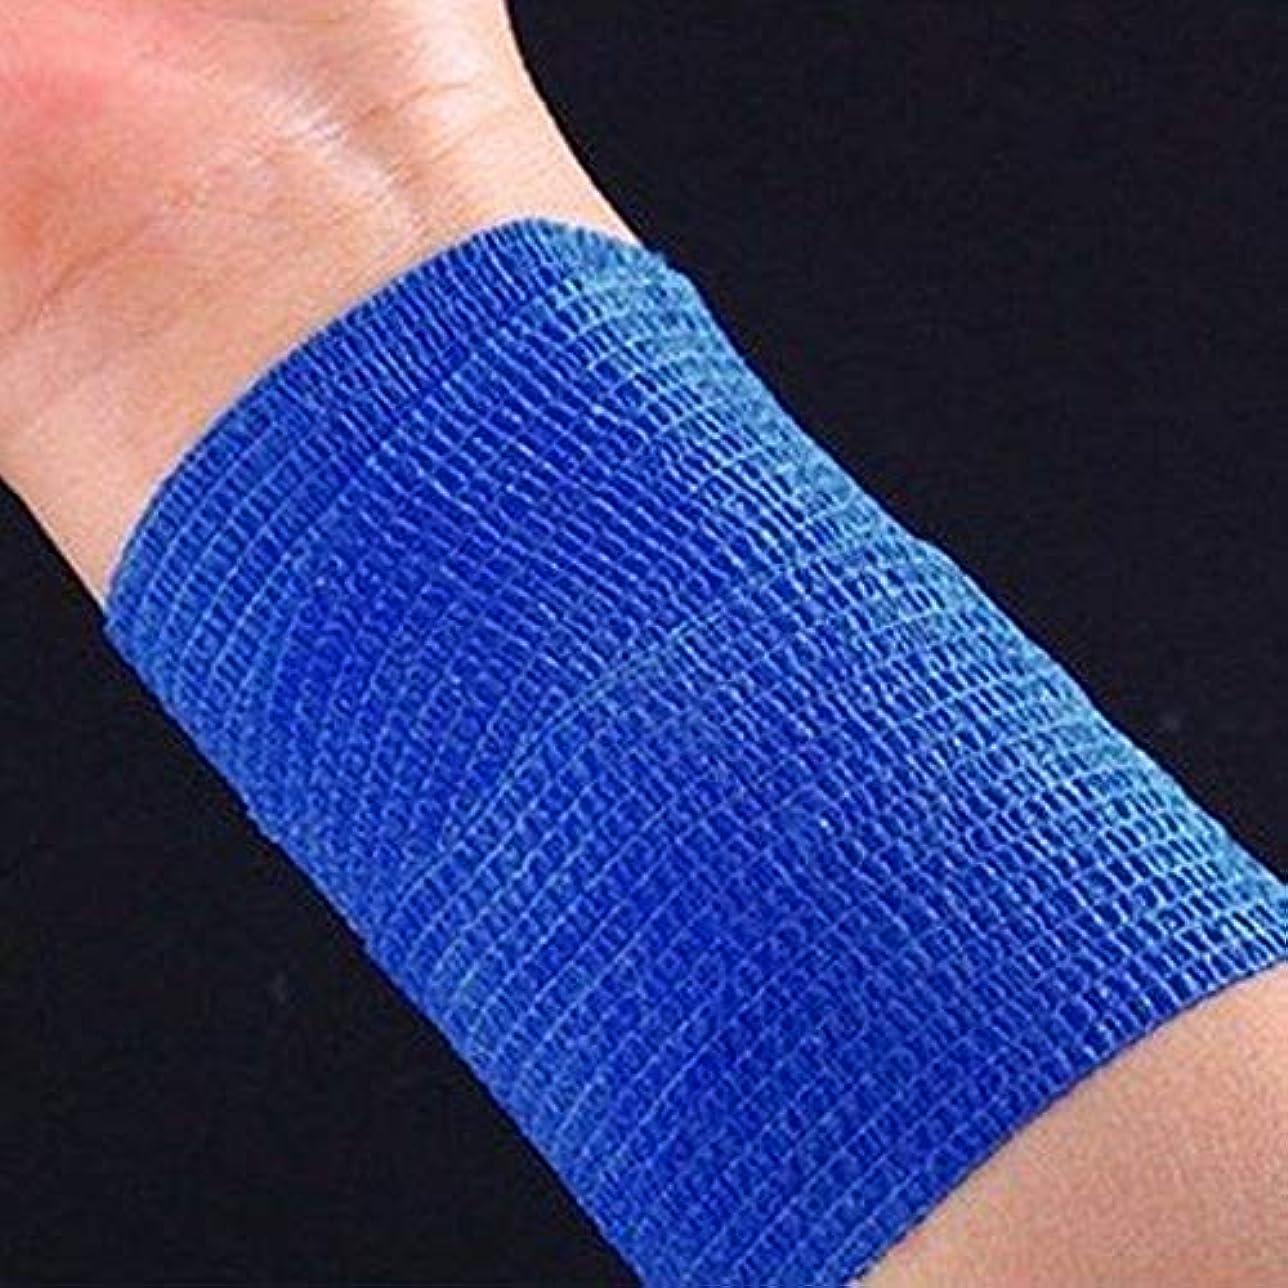 に対処するバイオリニスト利益Pichidr-JP 自己接着包帯足首の捻挫、腫れや手首のための2インチの便利な弾性包帯